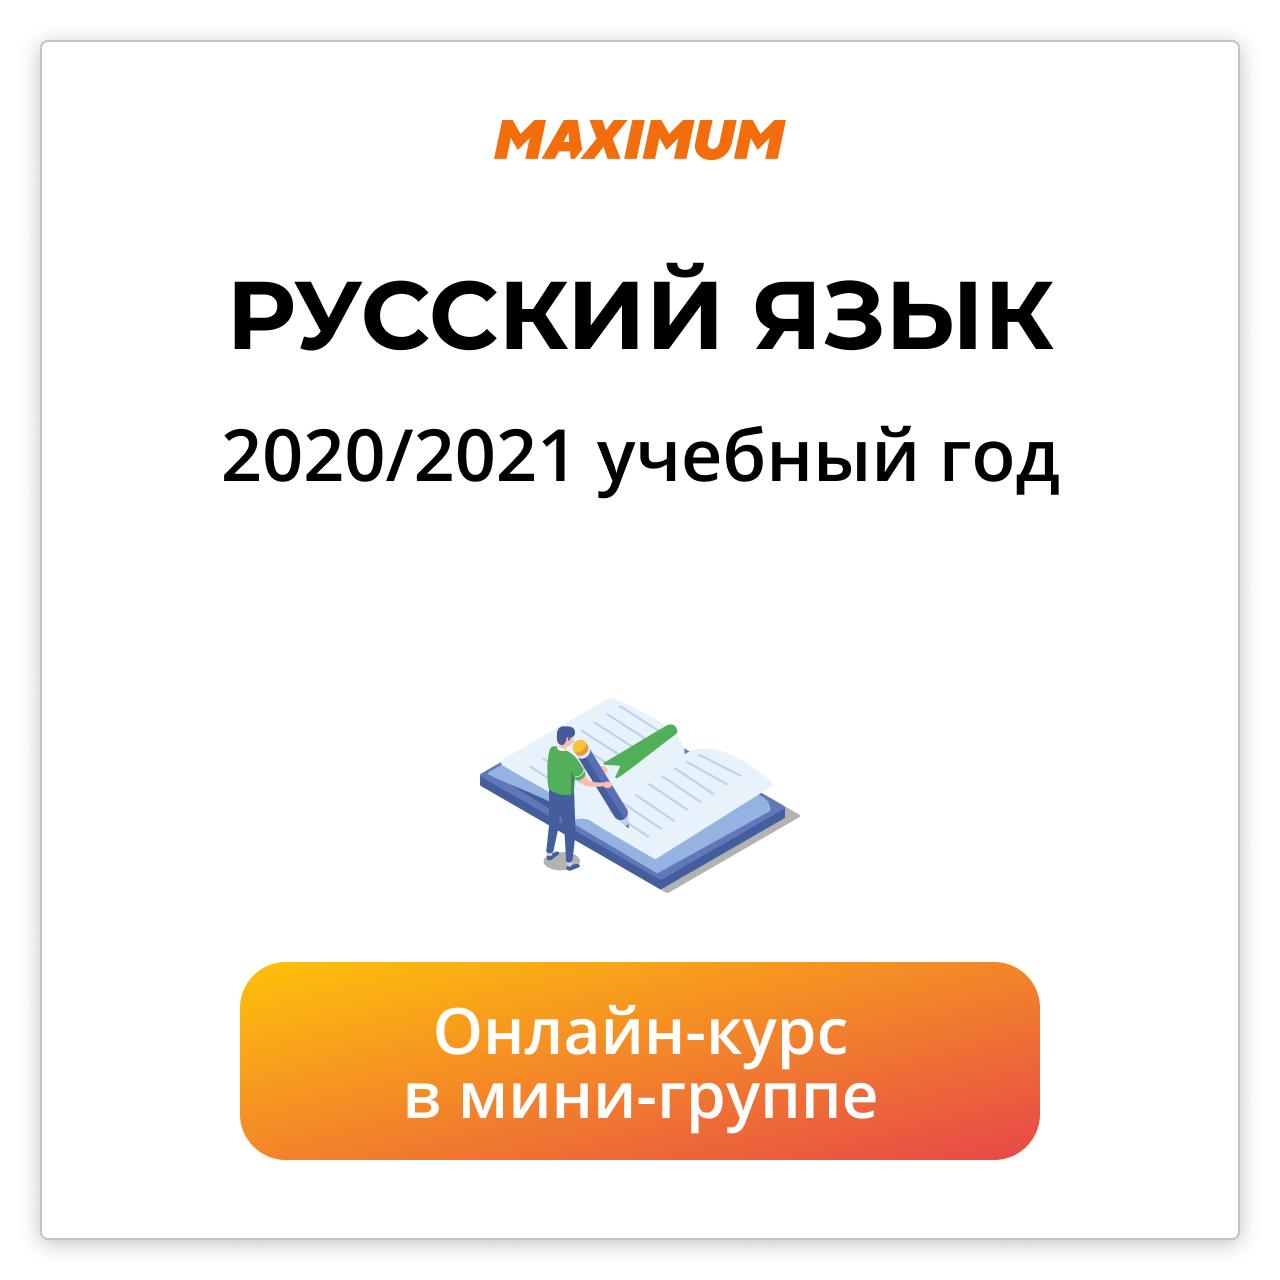 Русский Язык ЕГЭ Онлайн Мини-группа